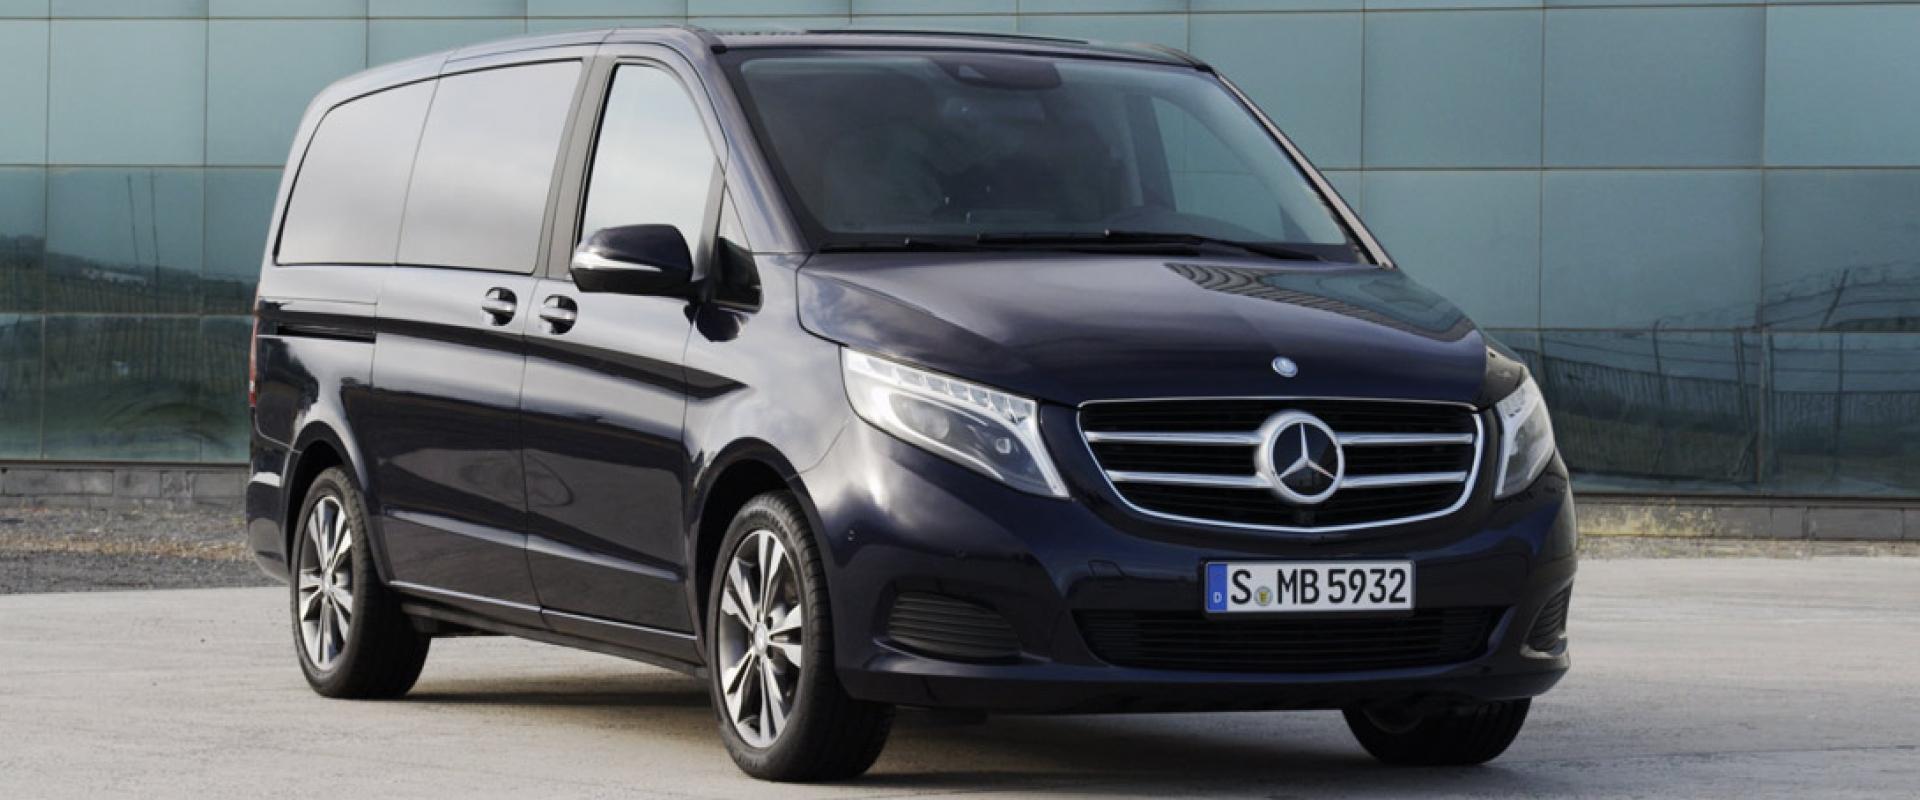 Car transfer croatia concierge croatia for Mercedes benz product concierge